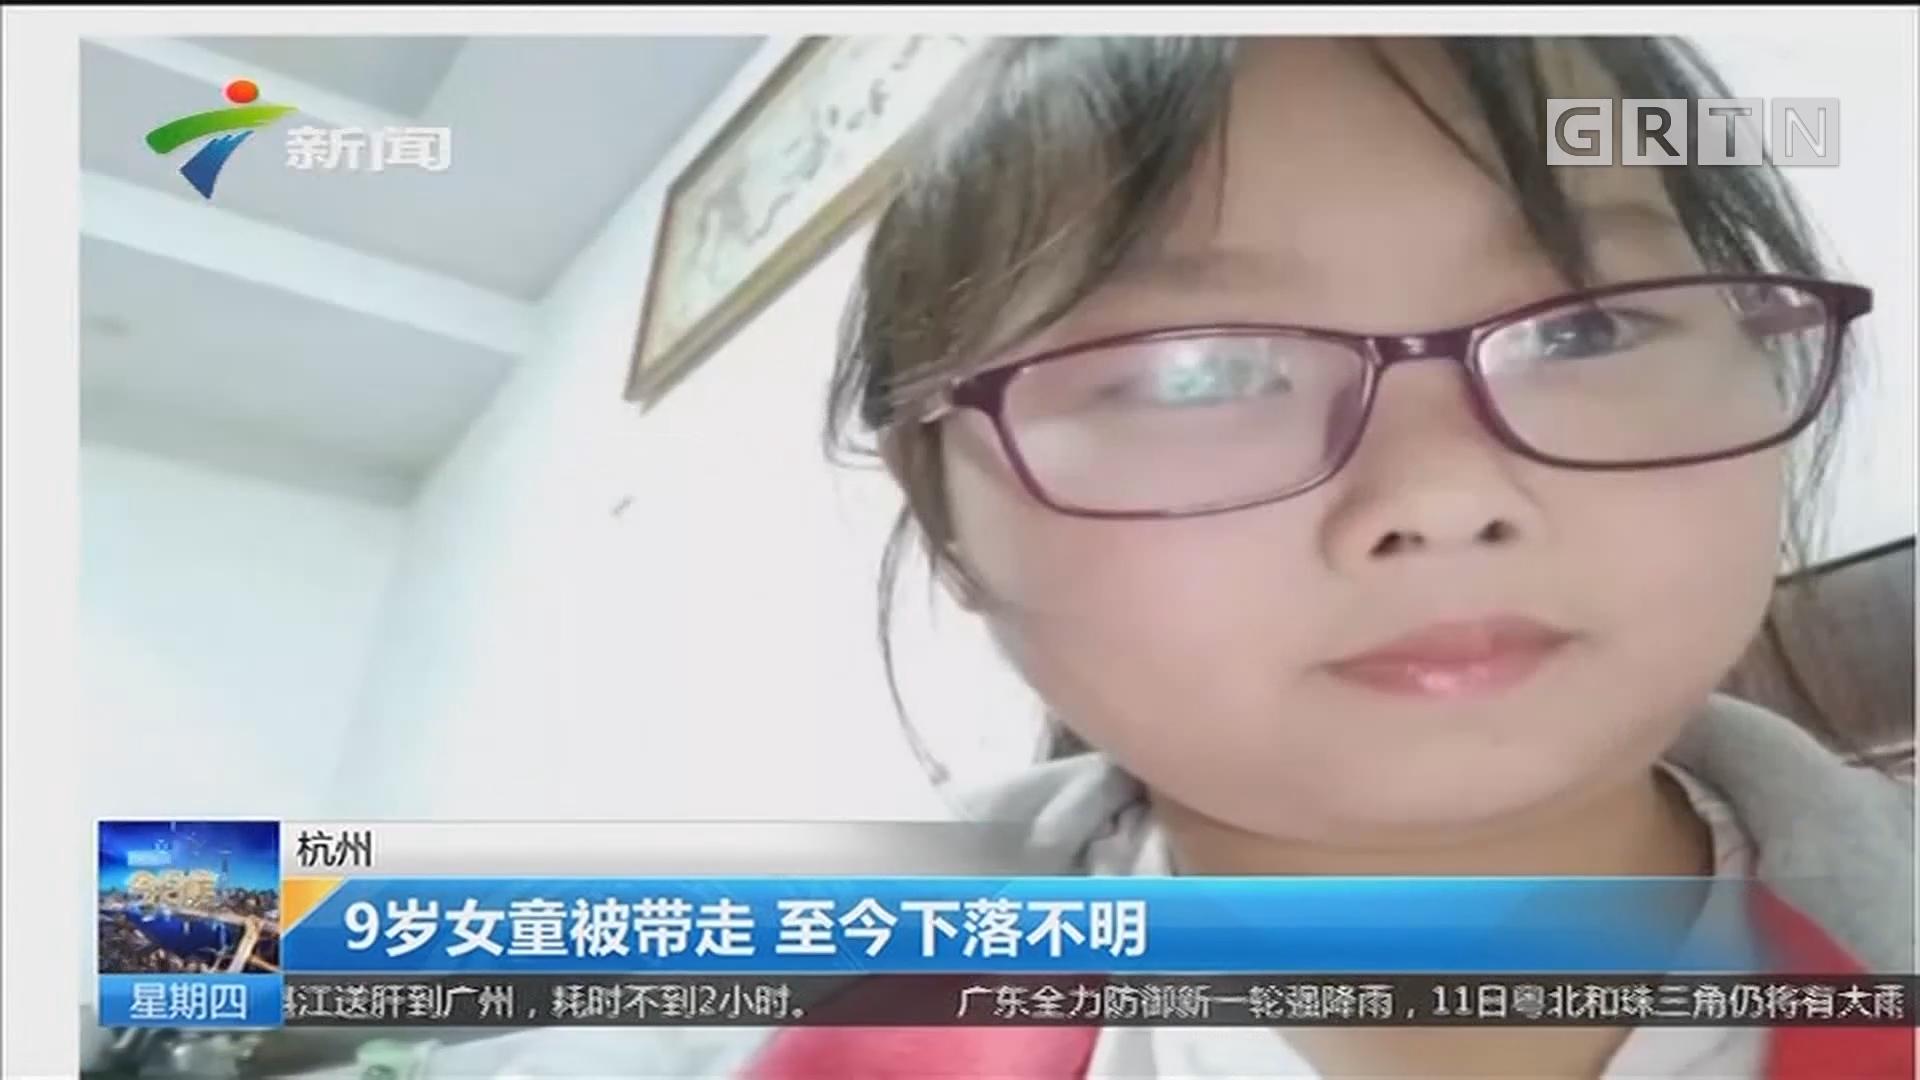 杭州:9岁女童被带走 至今下落不明